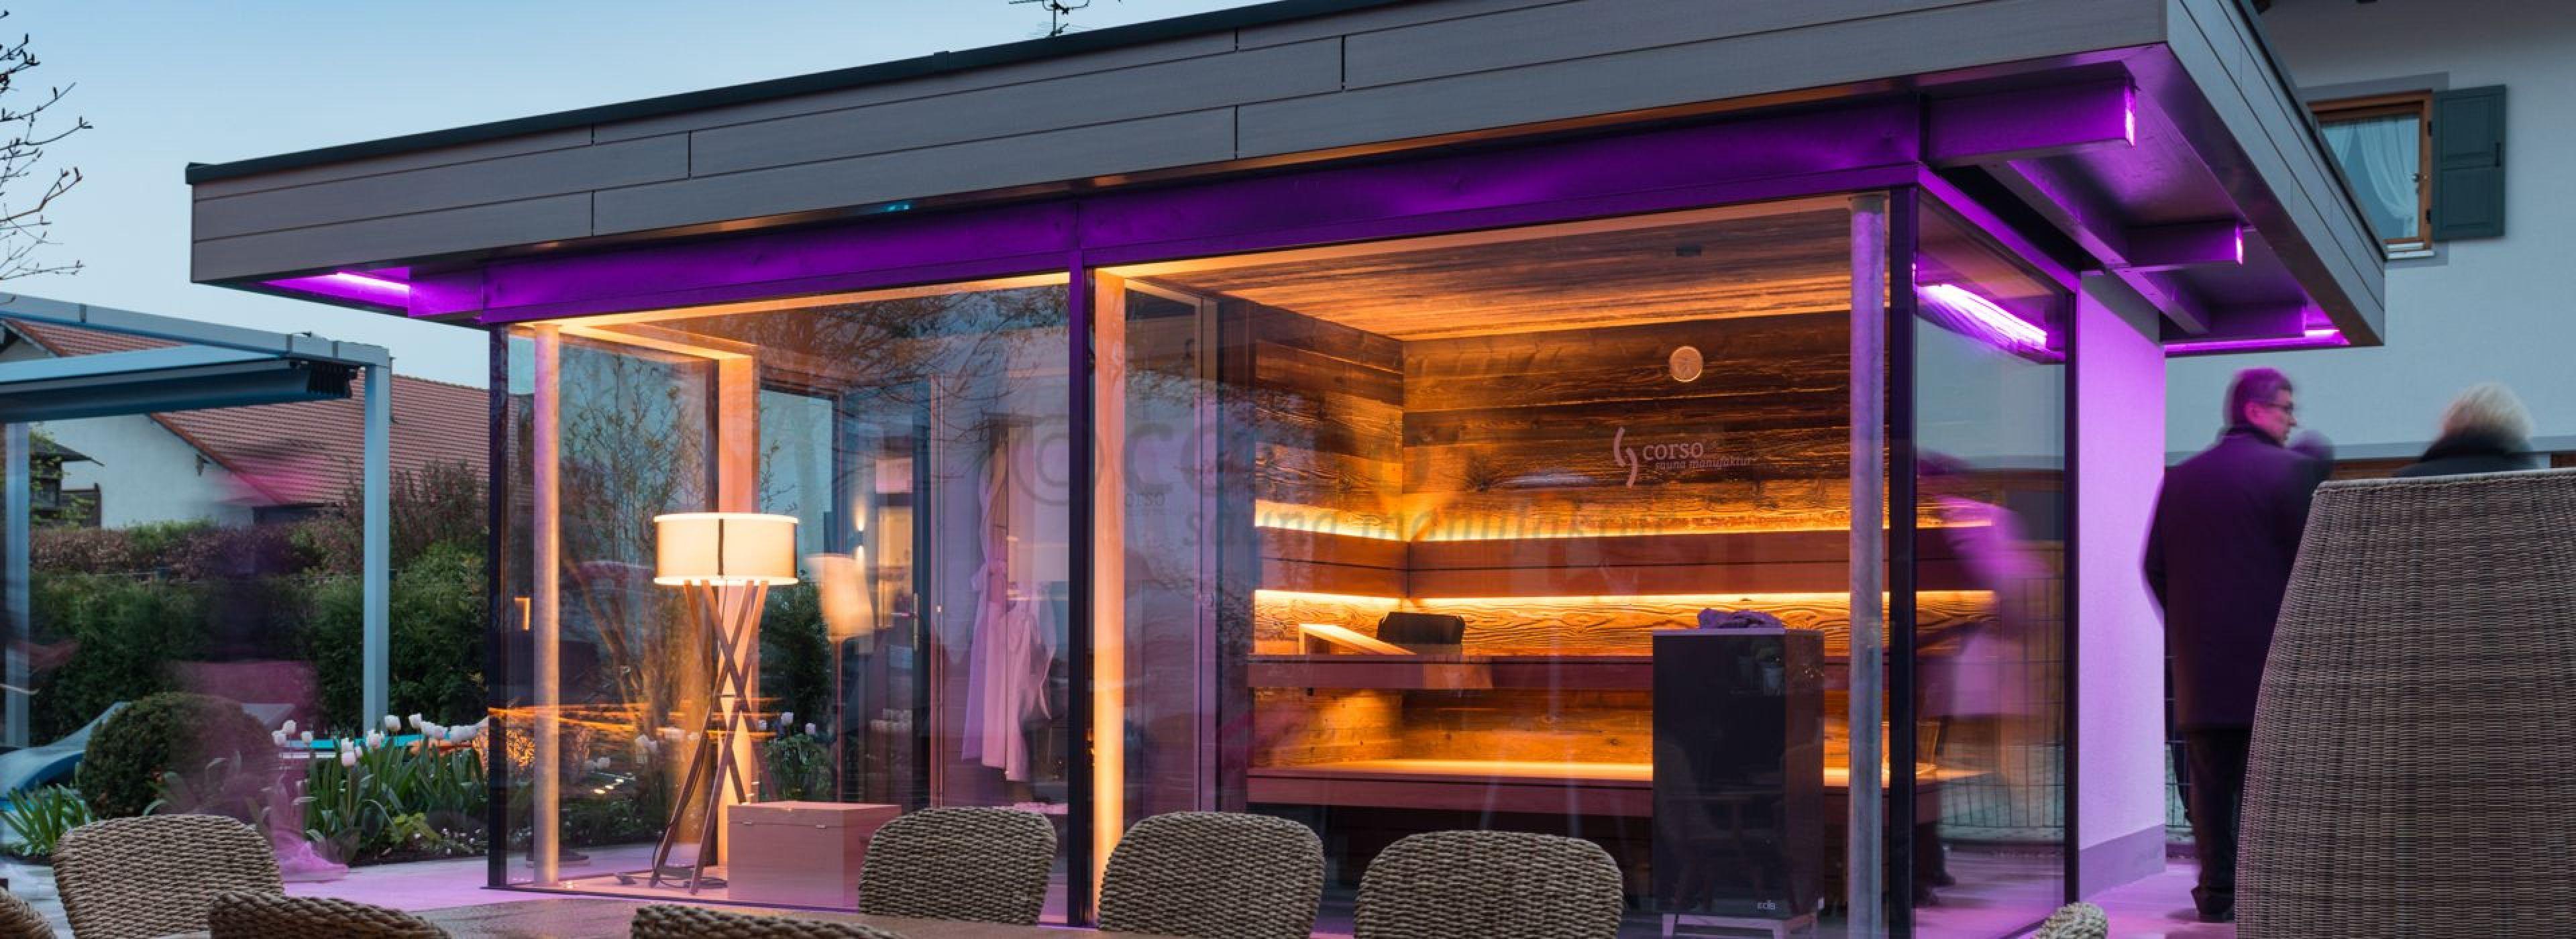 gartensaunen - eine sauna im garten